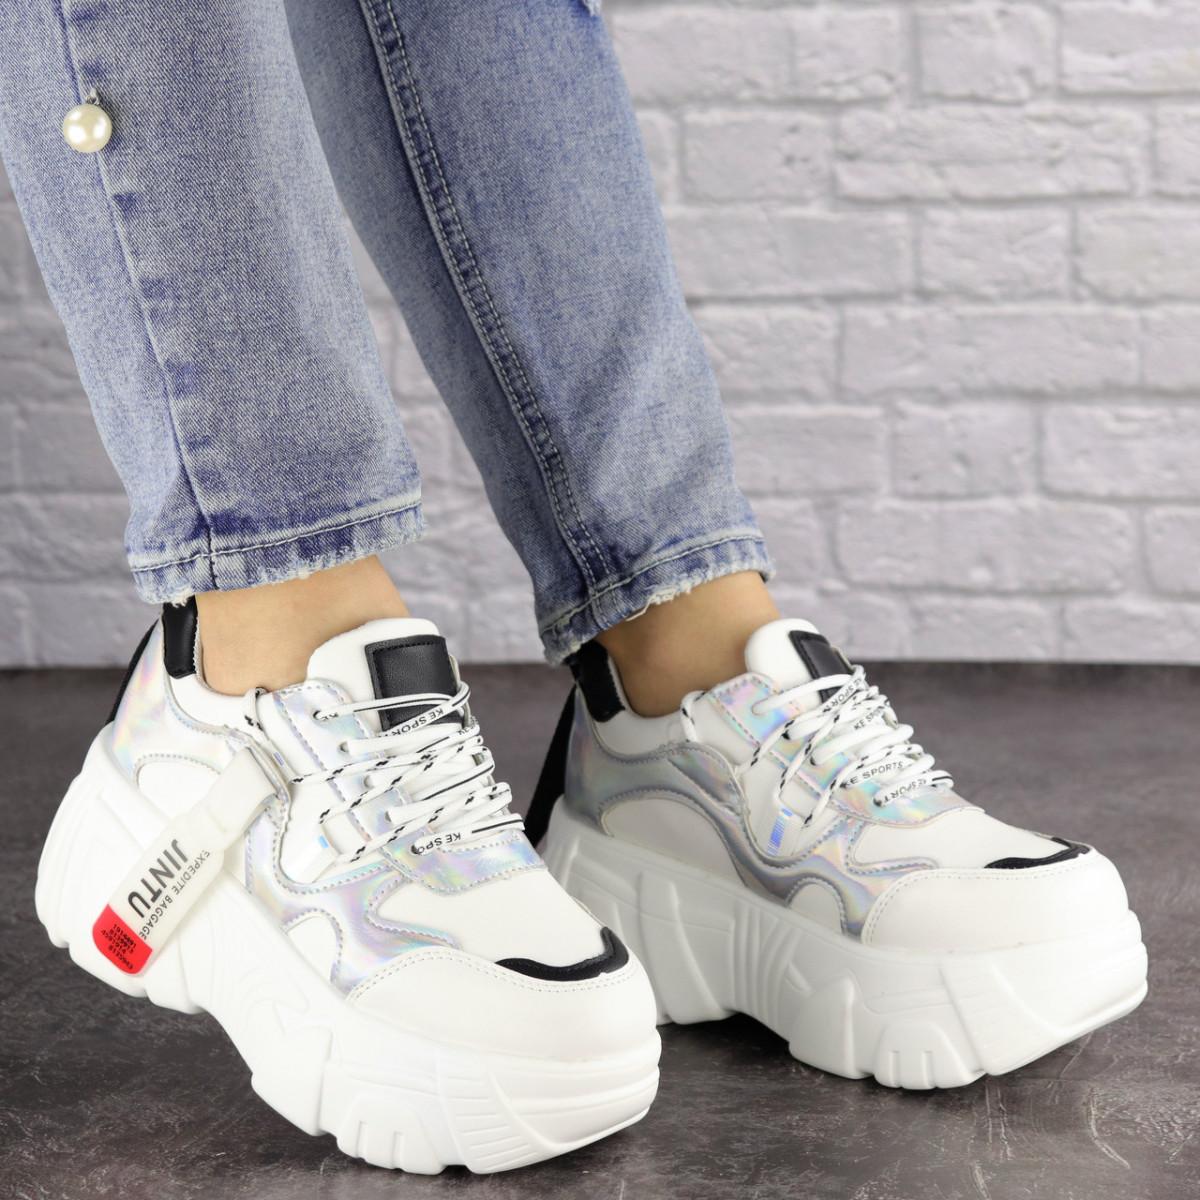 Женские стильные кроссовки Fashion Sabella 1390 40 размер 25 см Белый